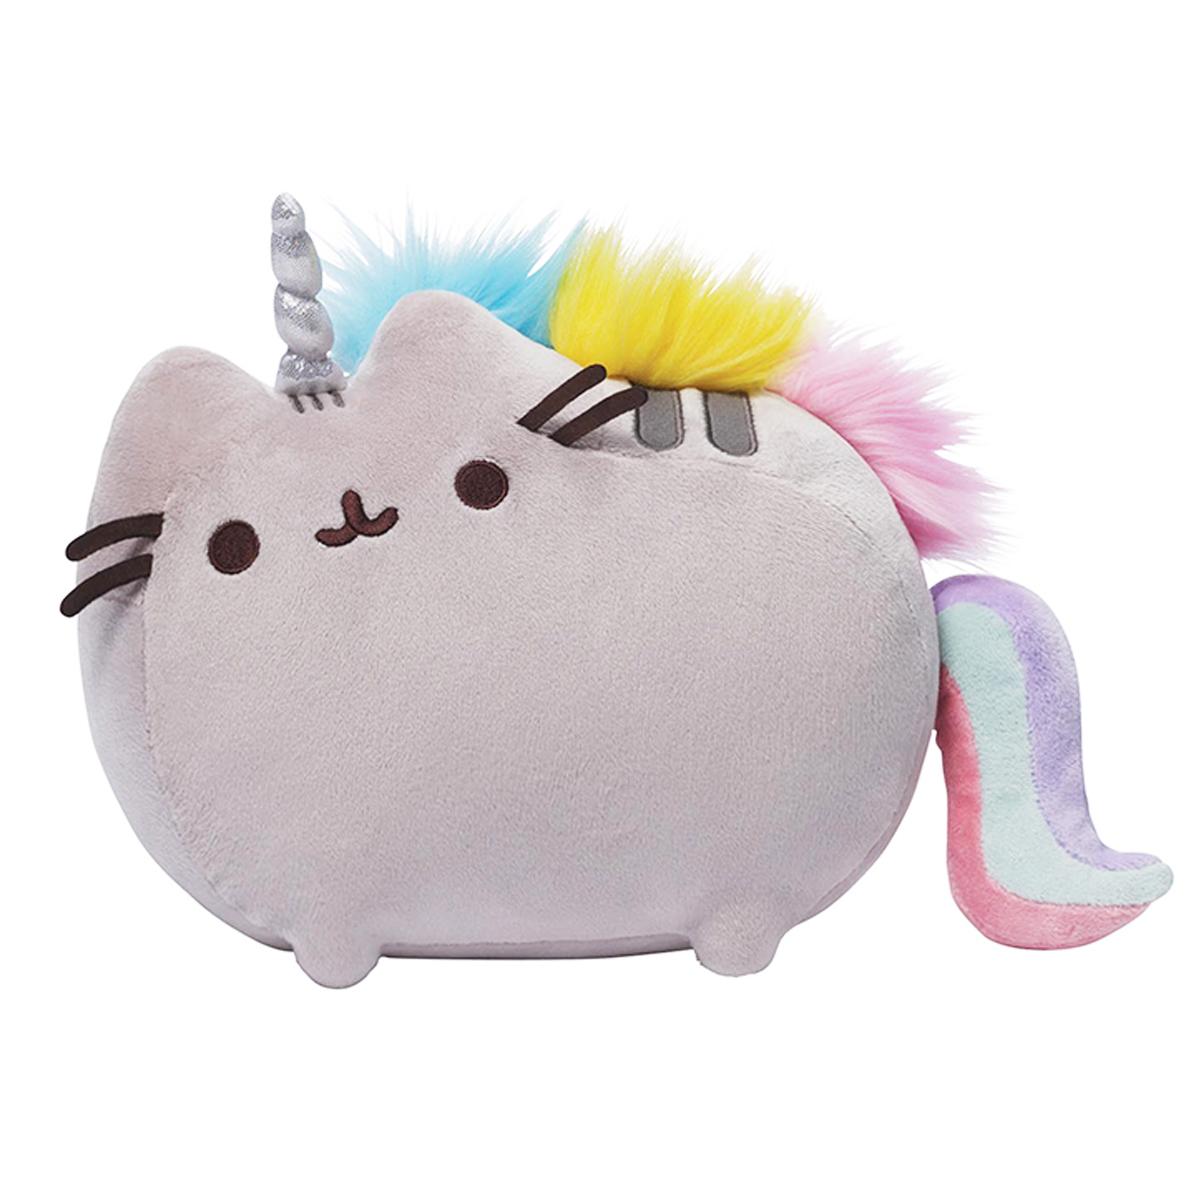 Peluche créateur \'Pusheen\' (licorne -unicorn) gris multicolore - 295x215 cm - [P6508]